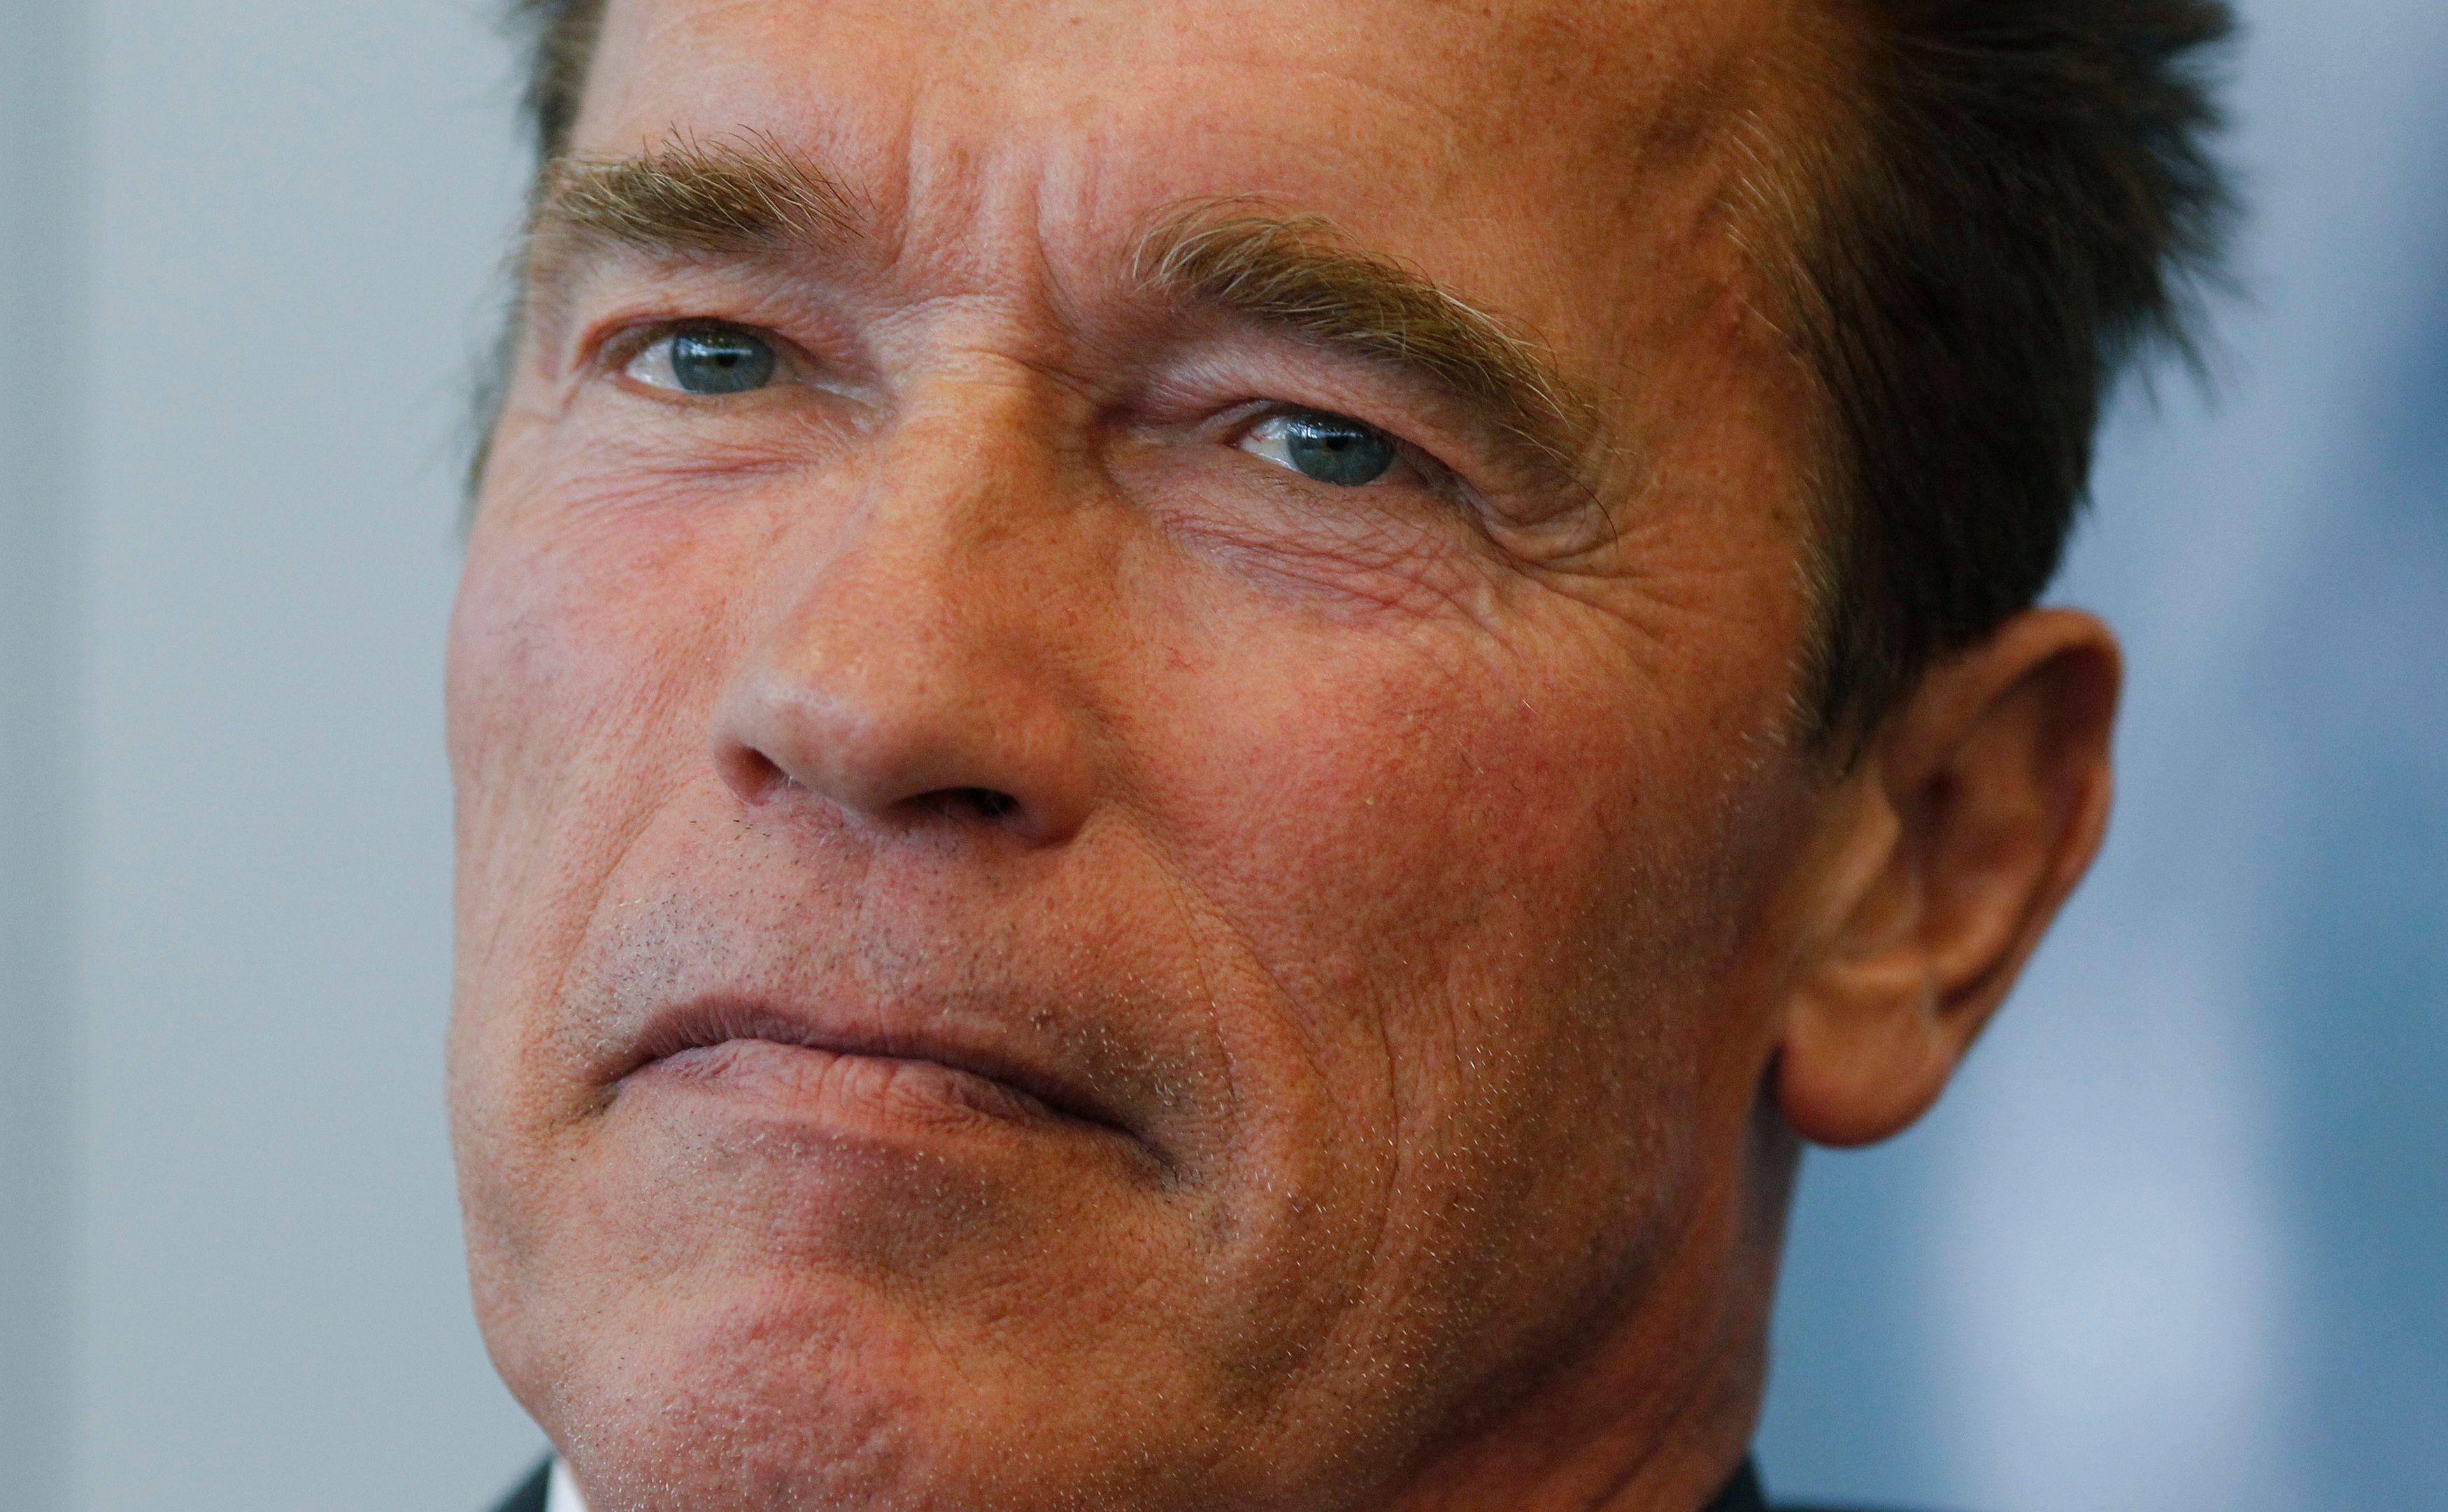 Voies sur berges à Paris : Anne Hidalgo reçoit le soutien (musclé) d'Arnold Schwarzenegger